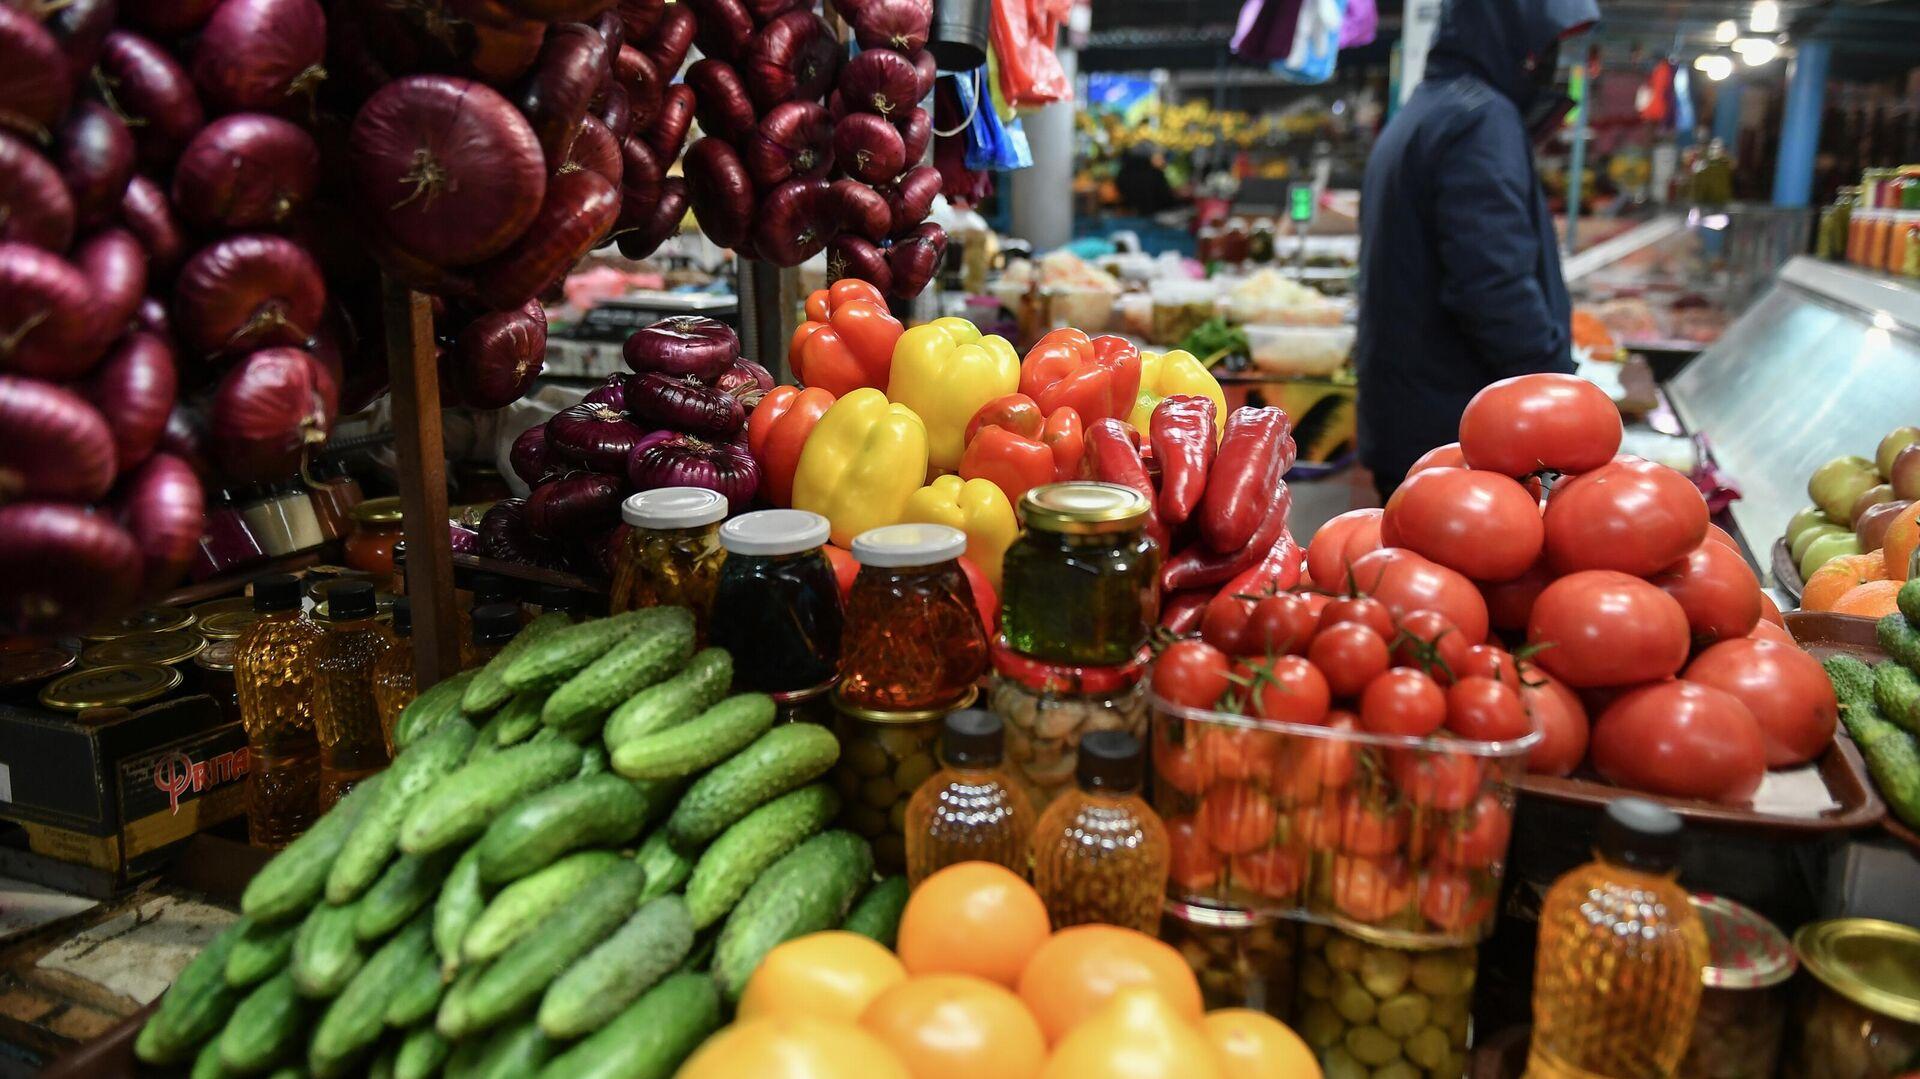 Продажа овощей и фруктов на Ялтинском овощном рынке - РИА Новости, 1920, 24.12.2020